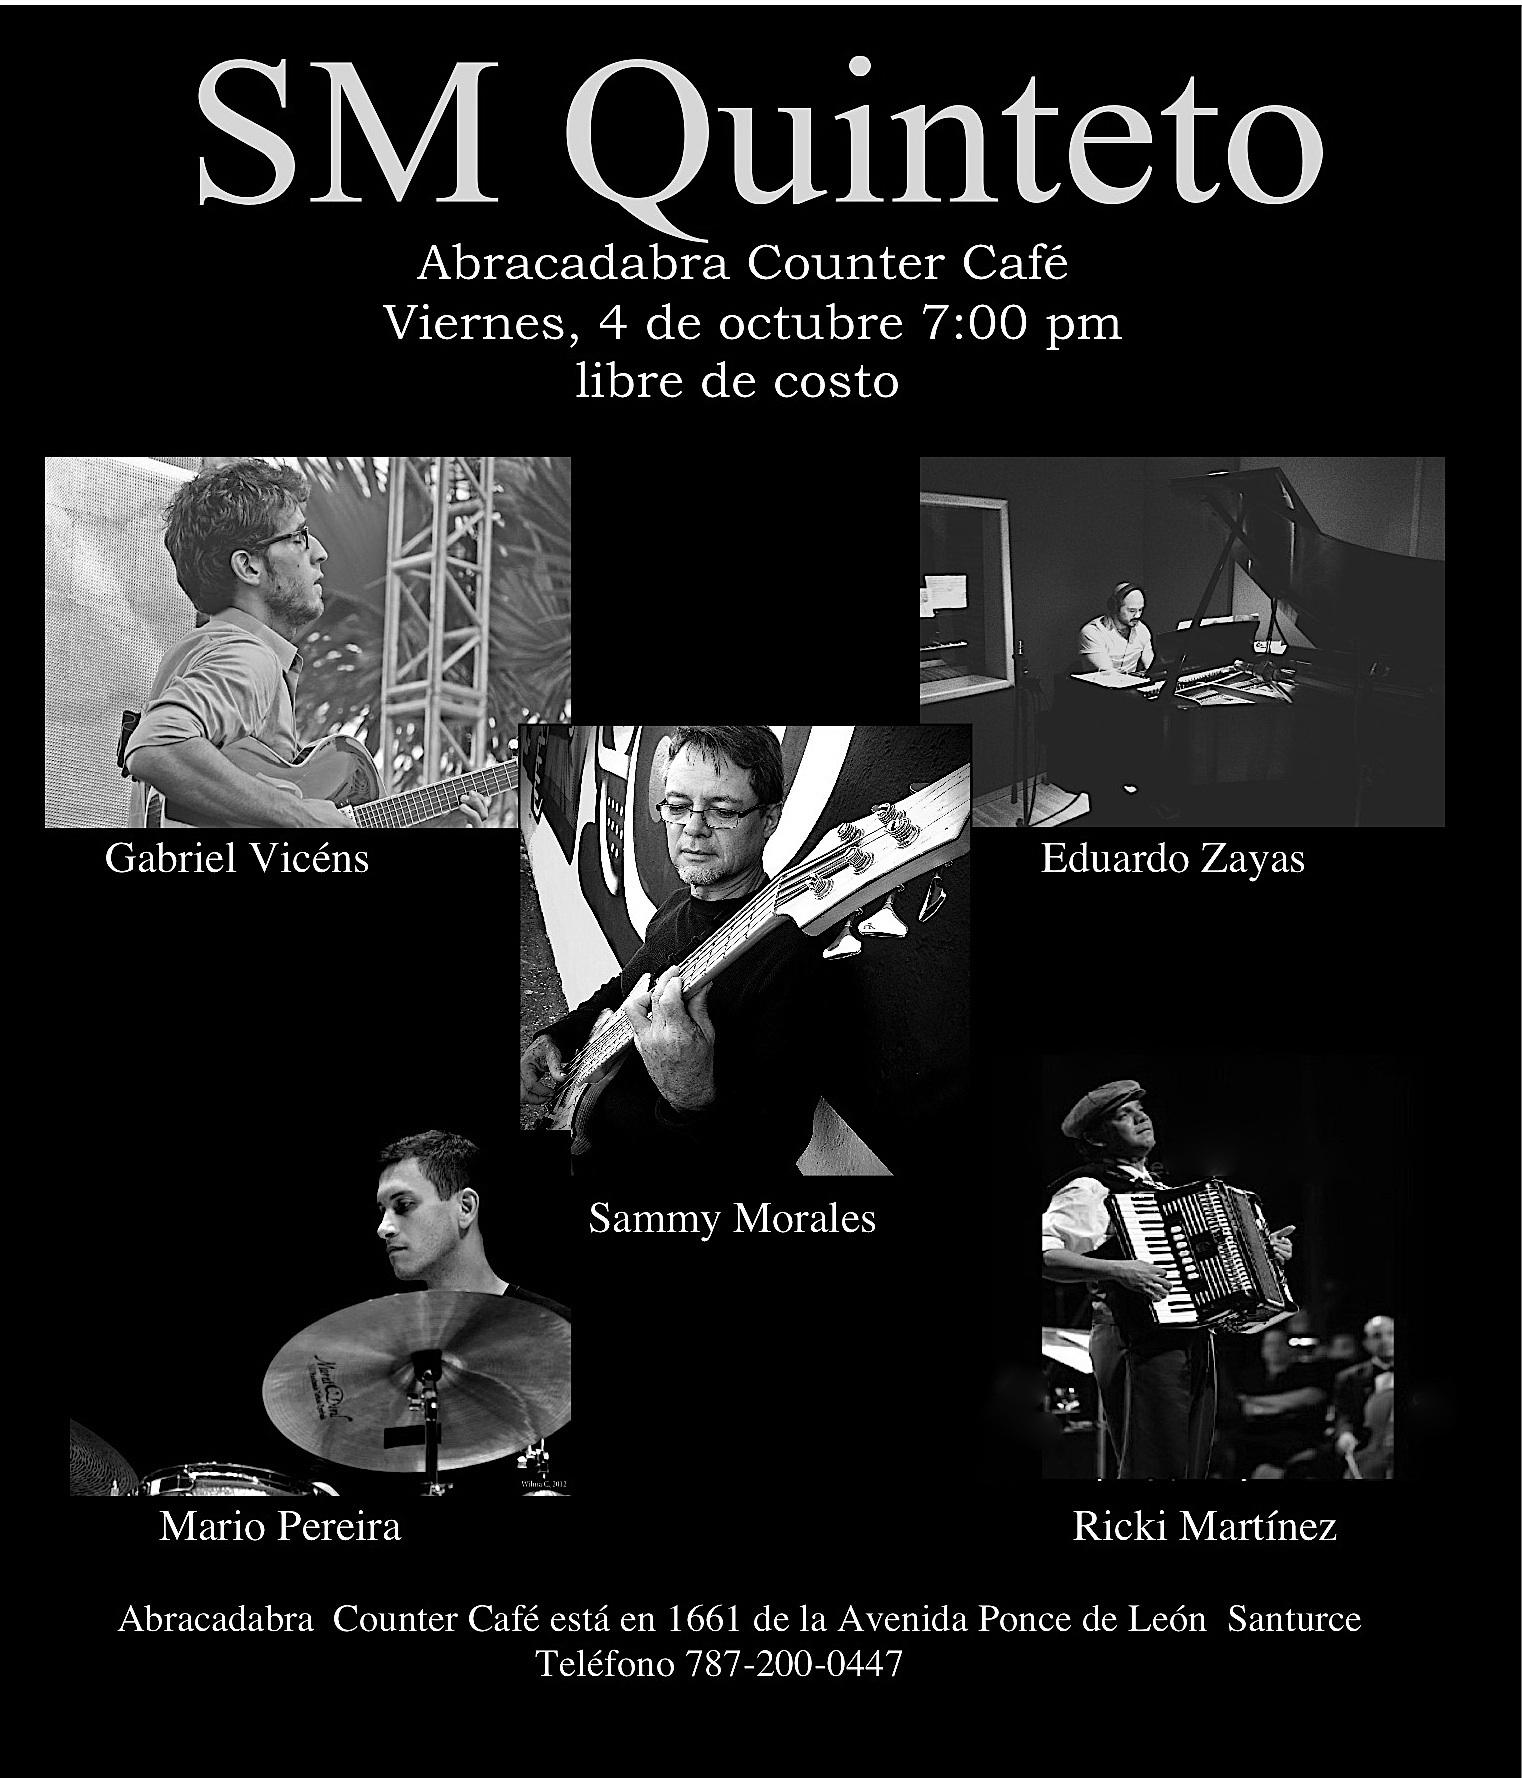 Sm quinteto @abracadabra counter café